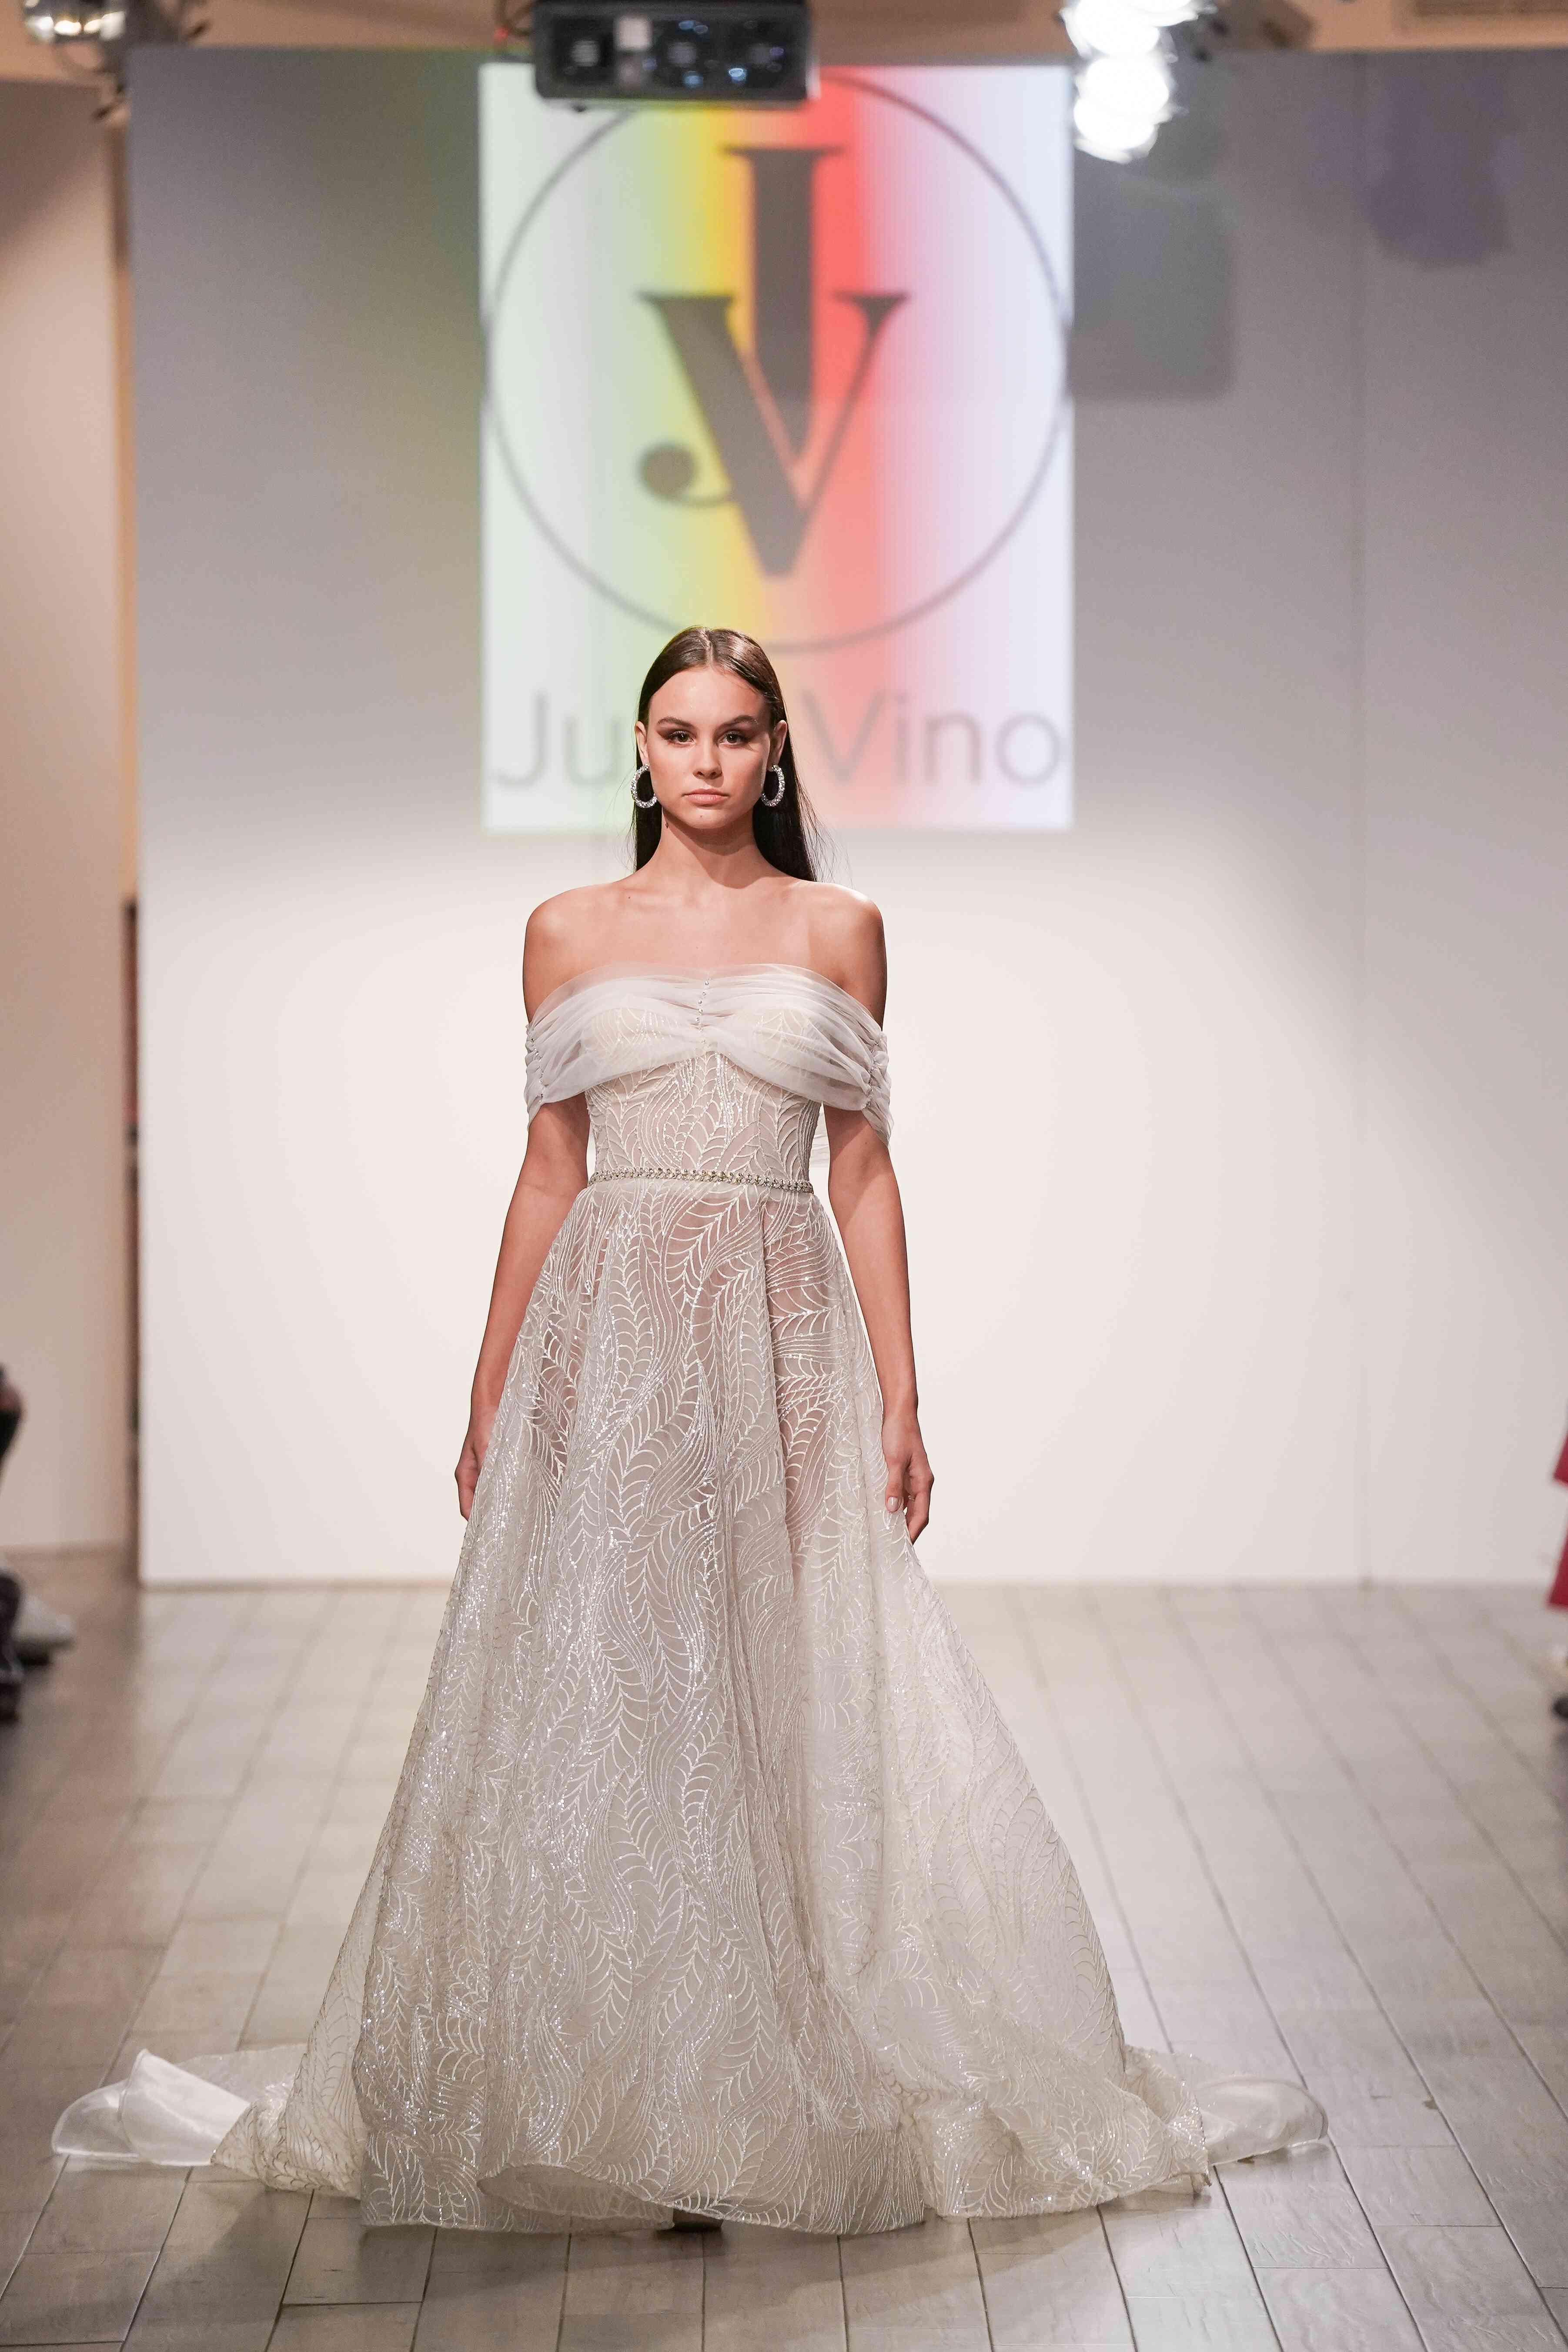 Model in off-the-shoulder laser-cut wedding dress